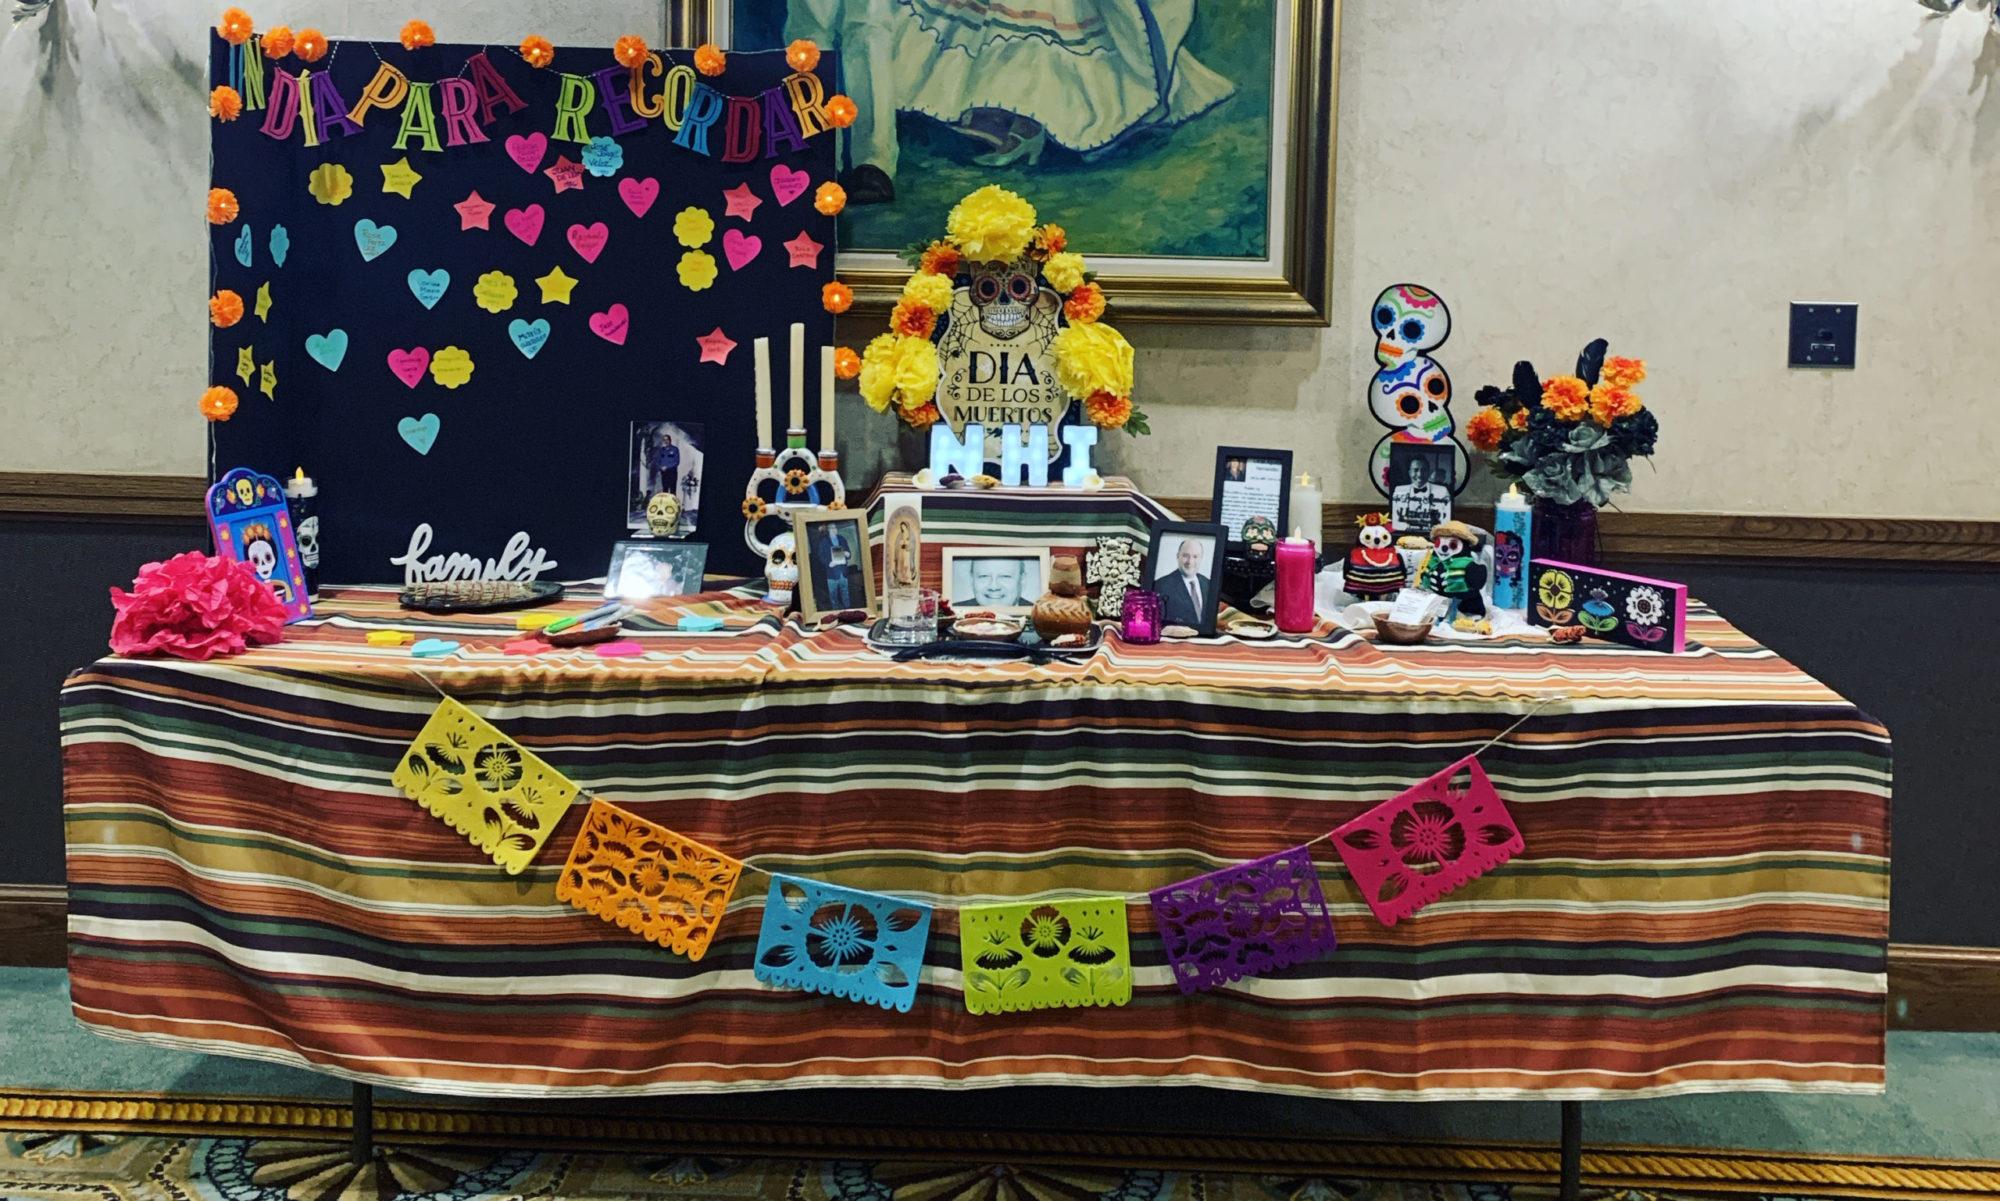 dia de los muertos altar at nhi celebracion